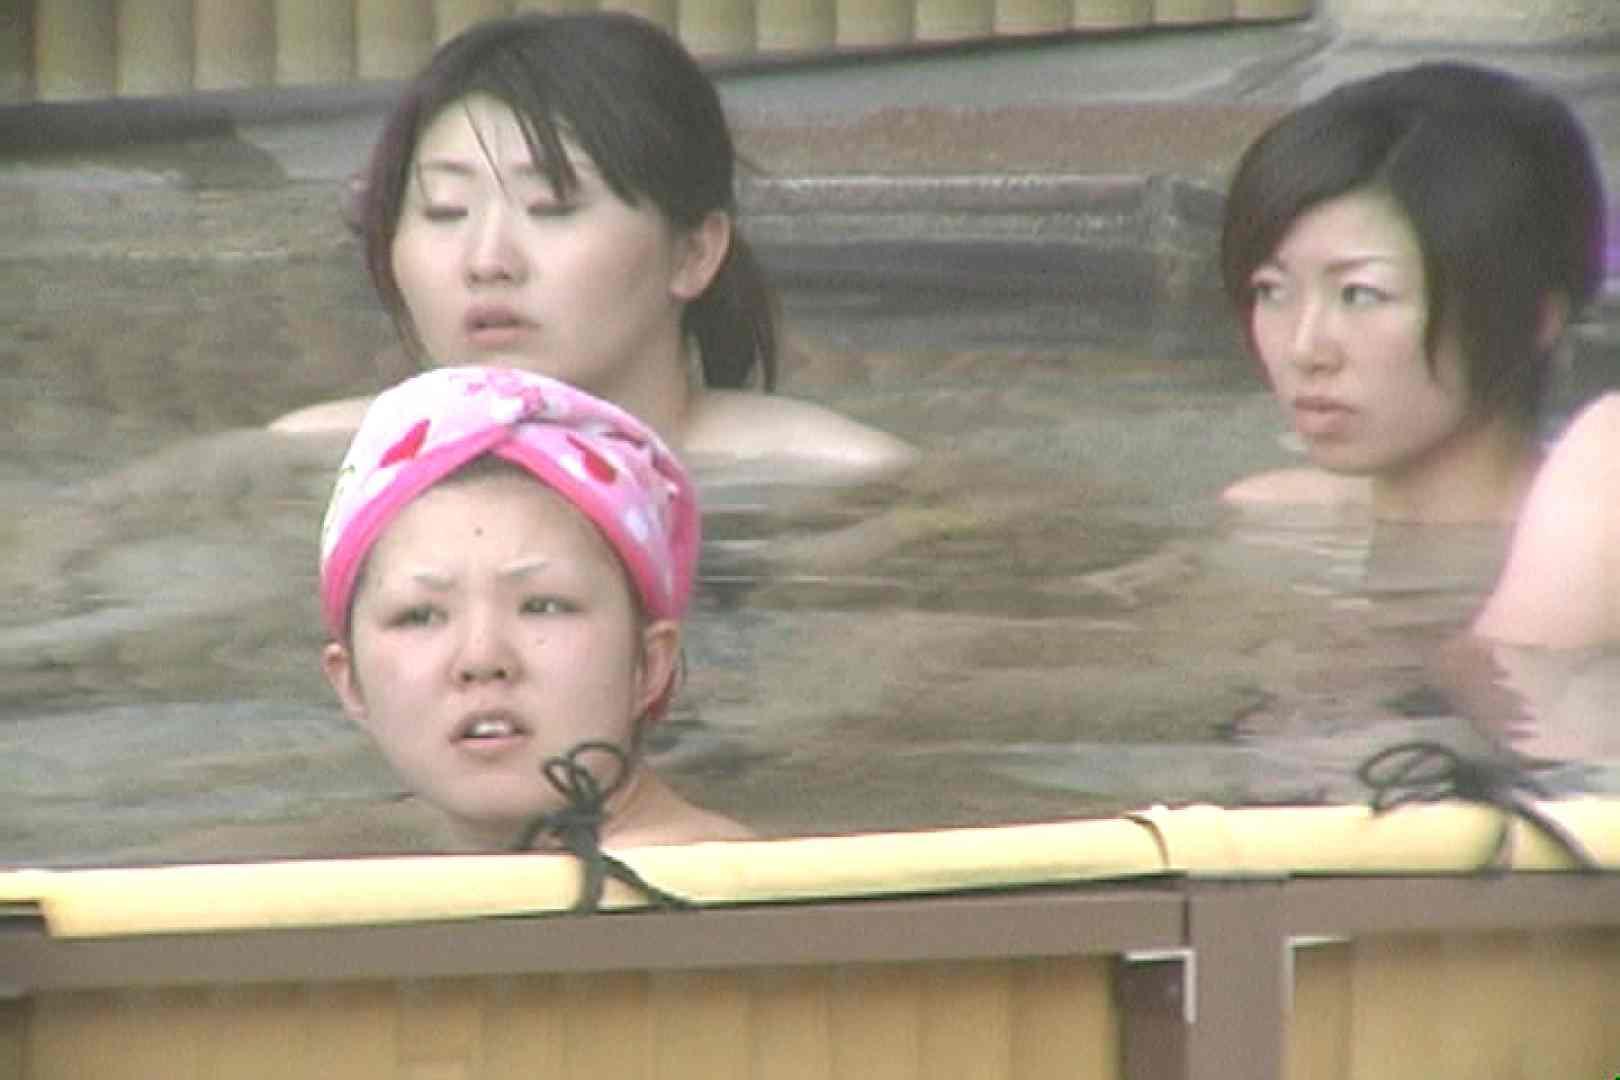 Aquaな露天風呂Vol.25 露天   盗撮特集  106画像 37